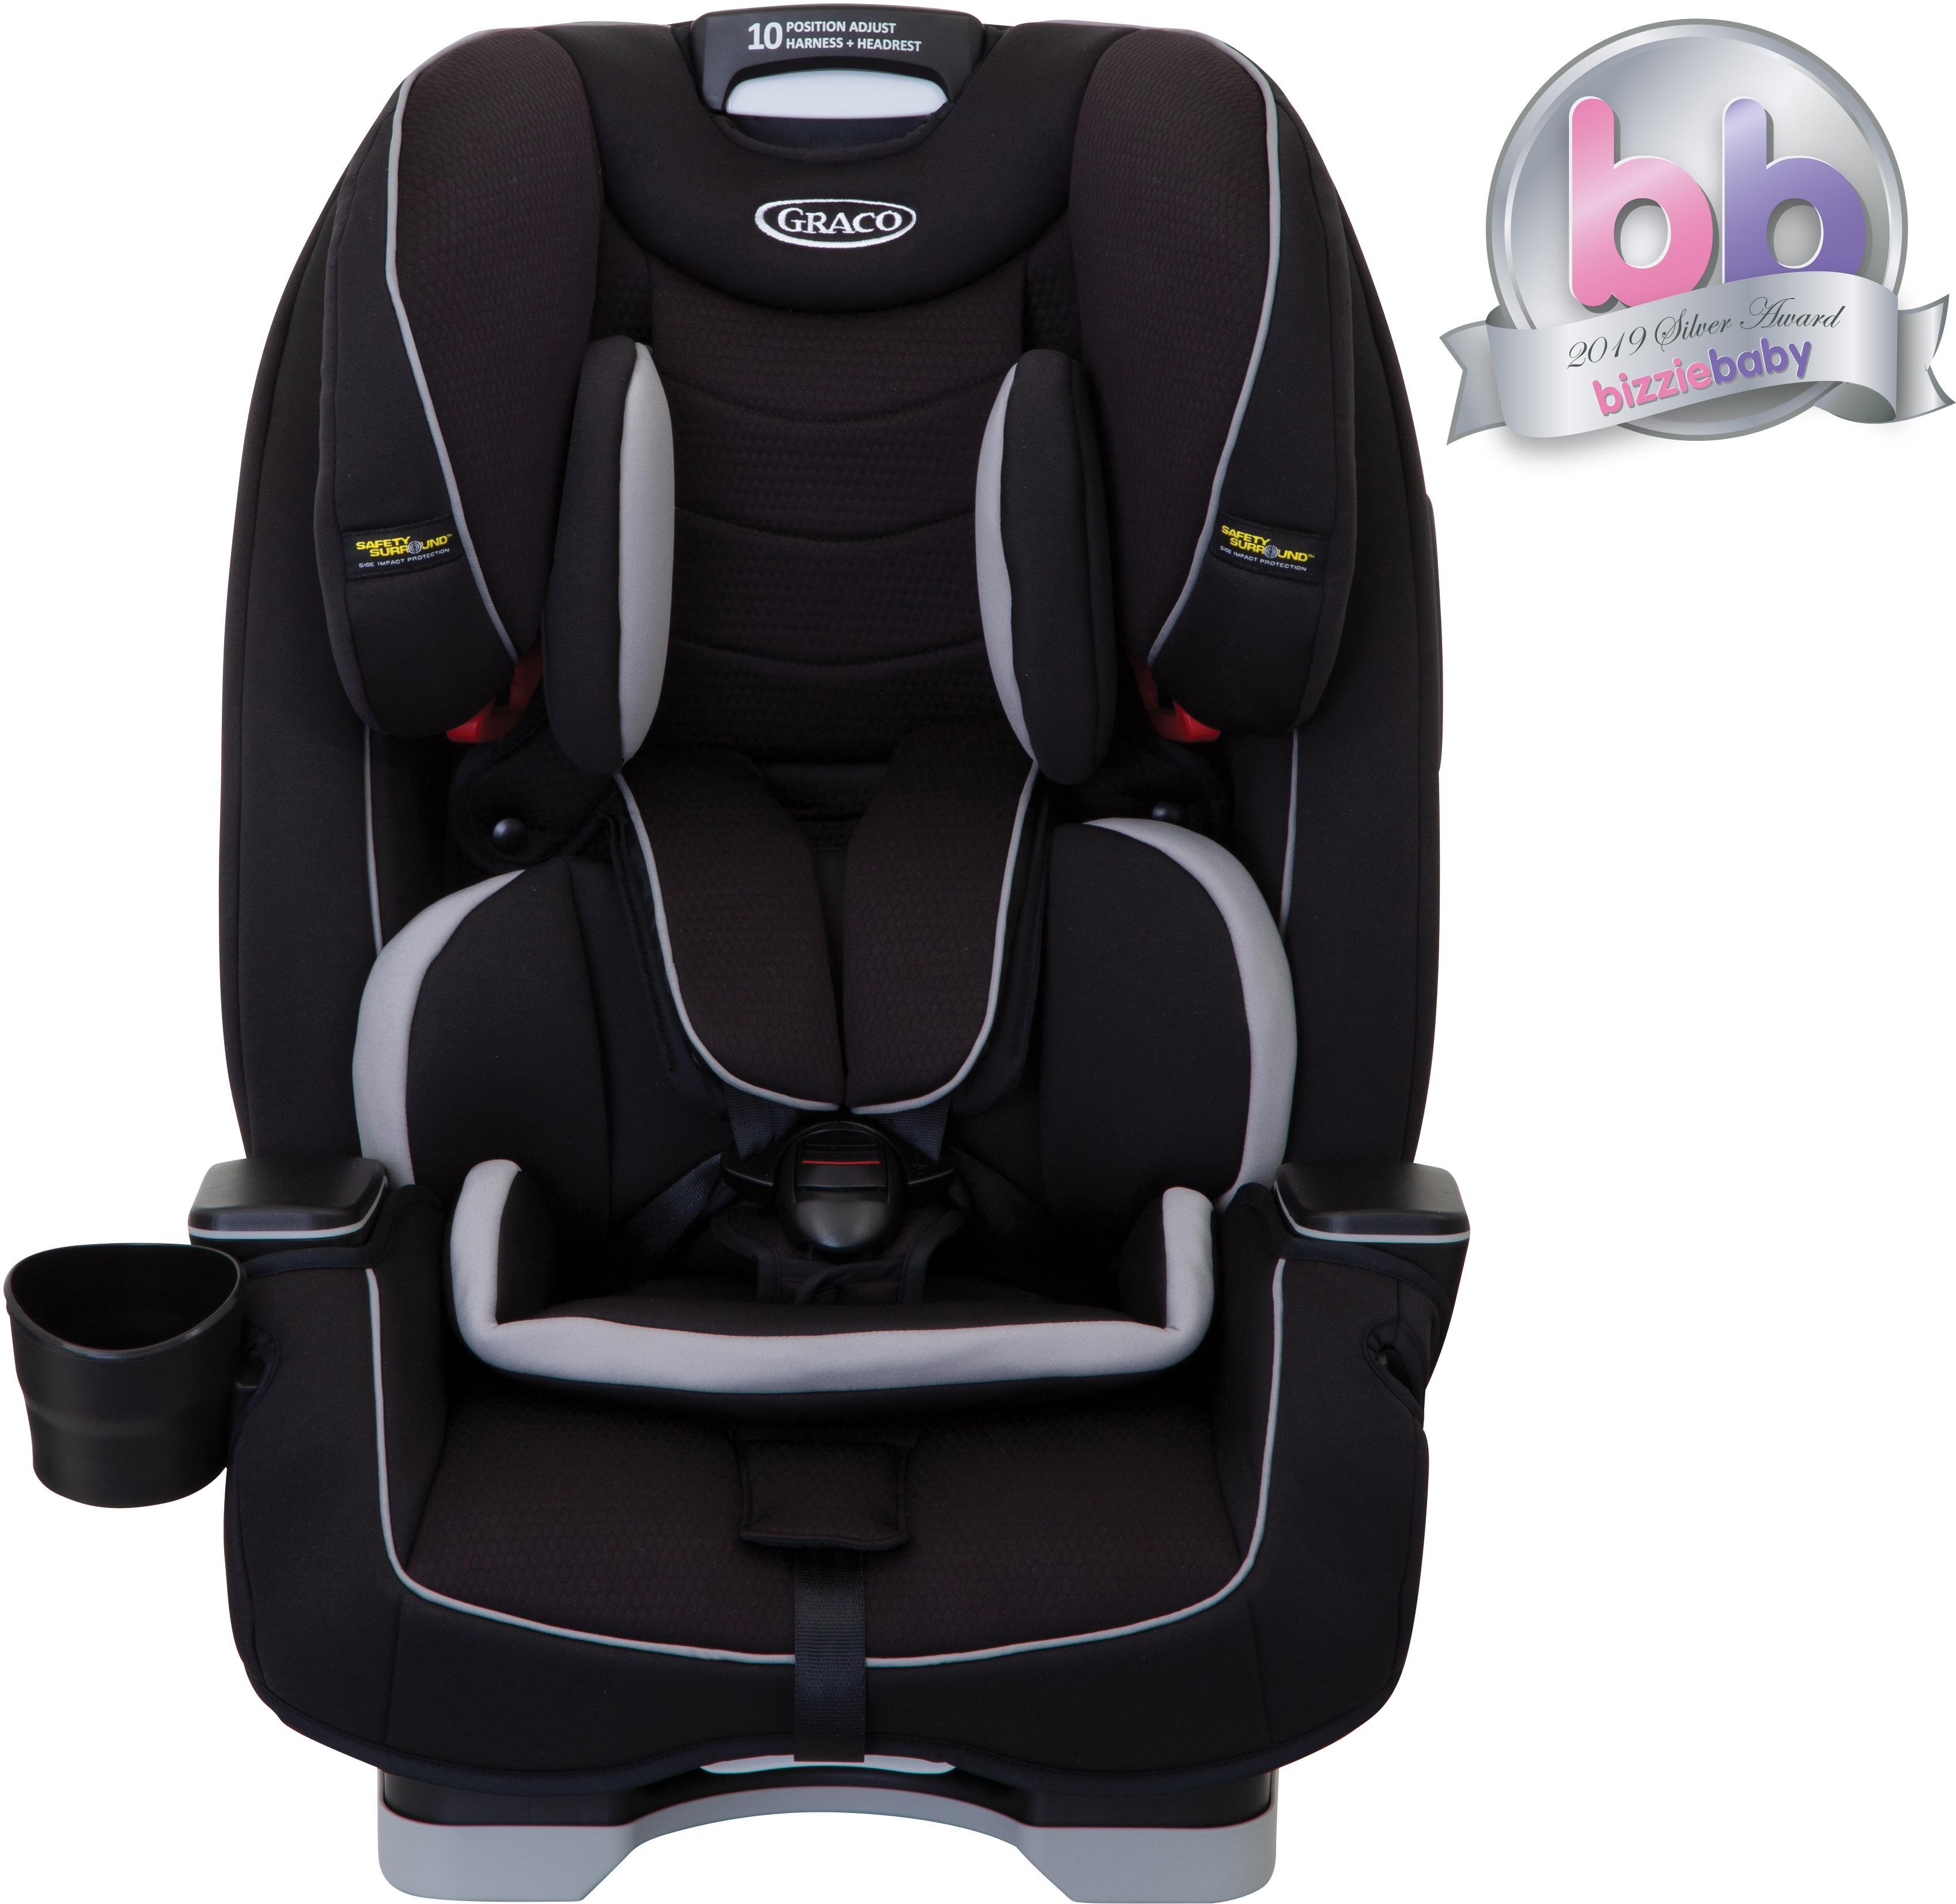 Graco Slimfit Car Seat